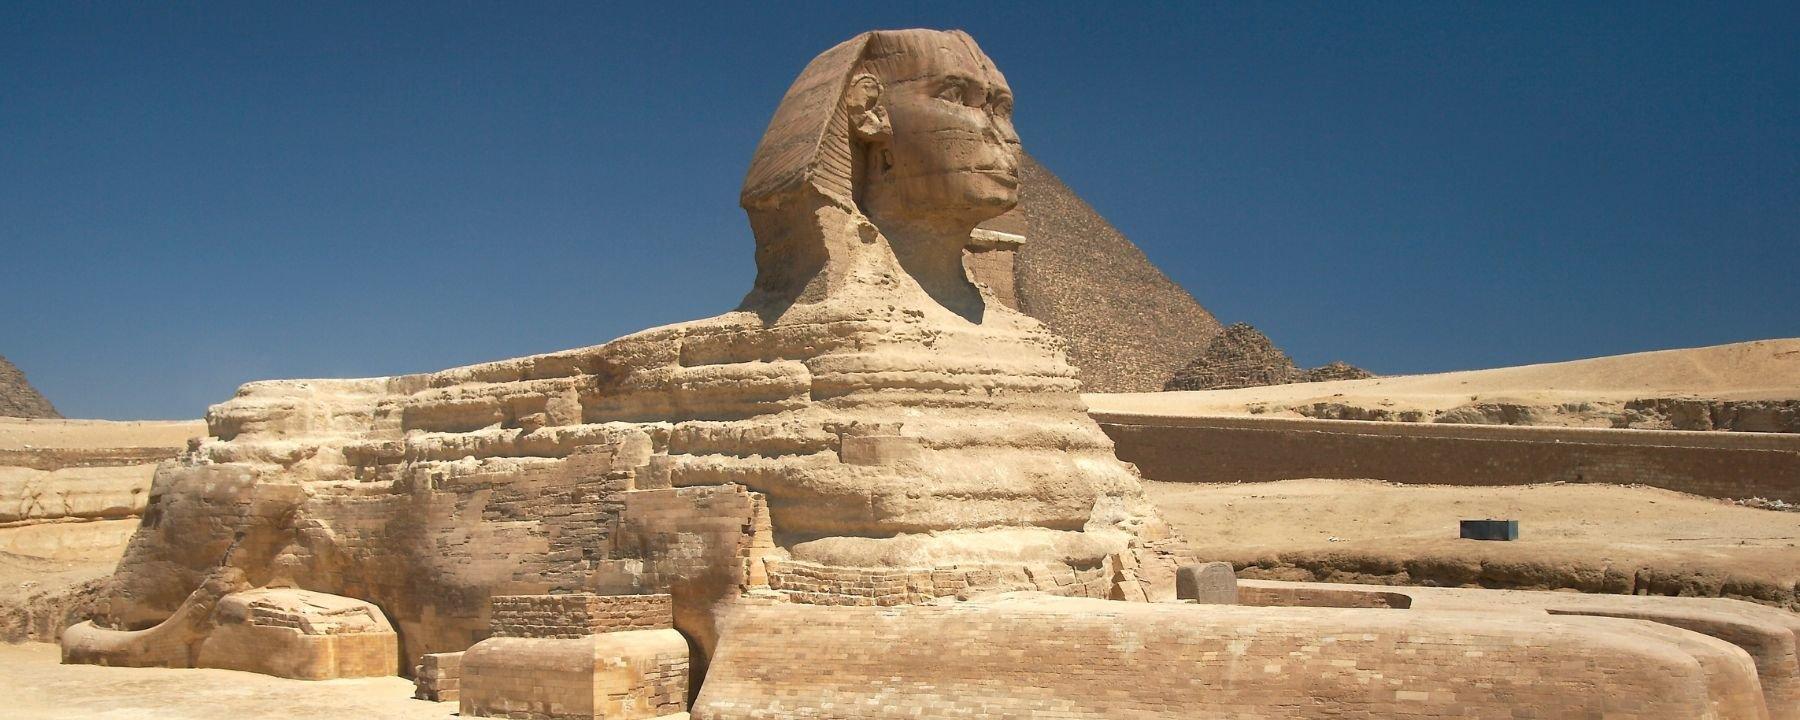 Múmias de leões são encontradas no Egito